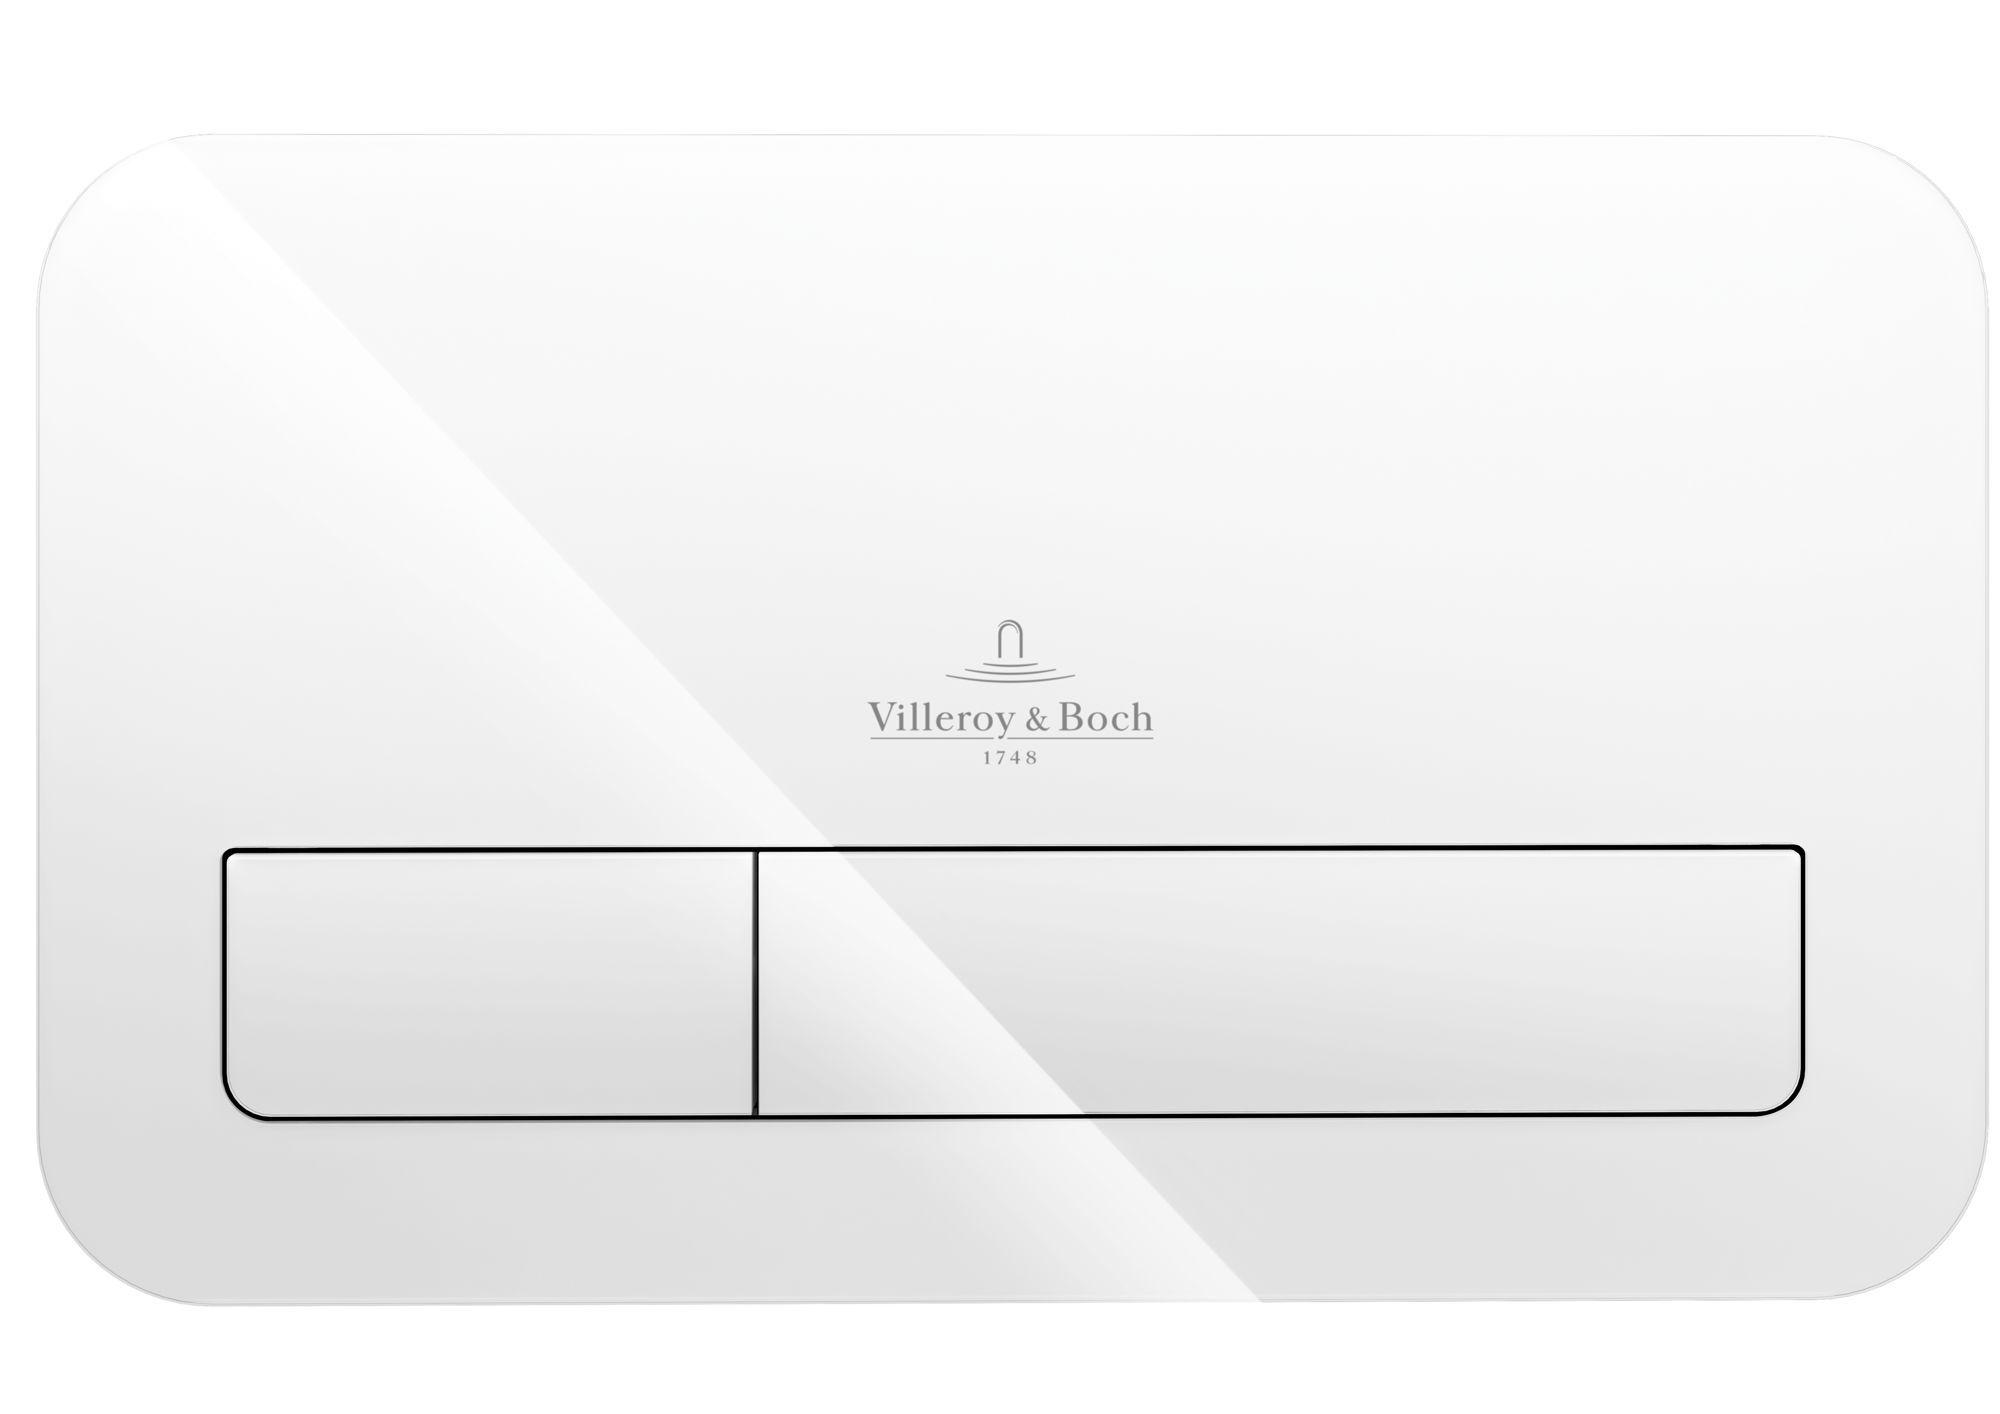 Villeroy & Boch ViConnect M200 Betätigungsplatte B:26,9xH:16,1xT:1,3cm Glas glossy weiß 922400RE